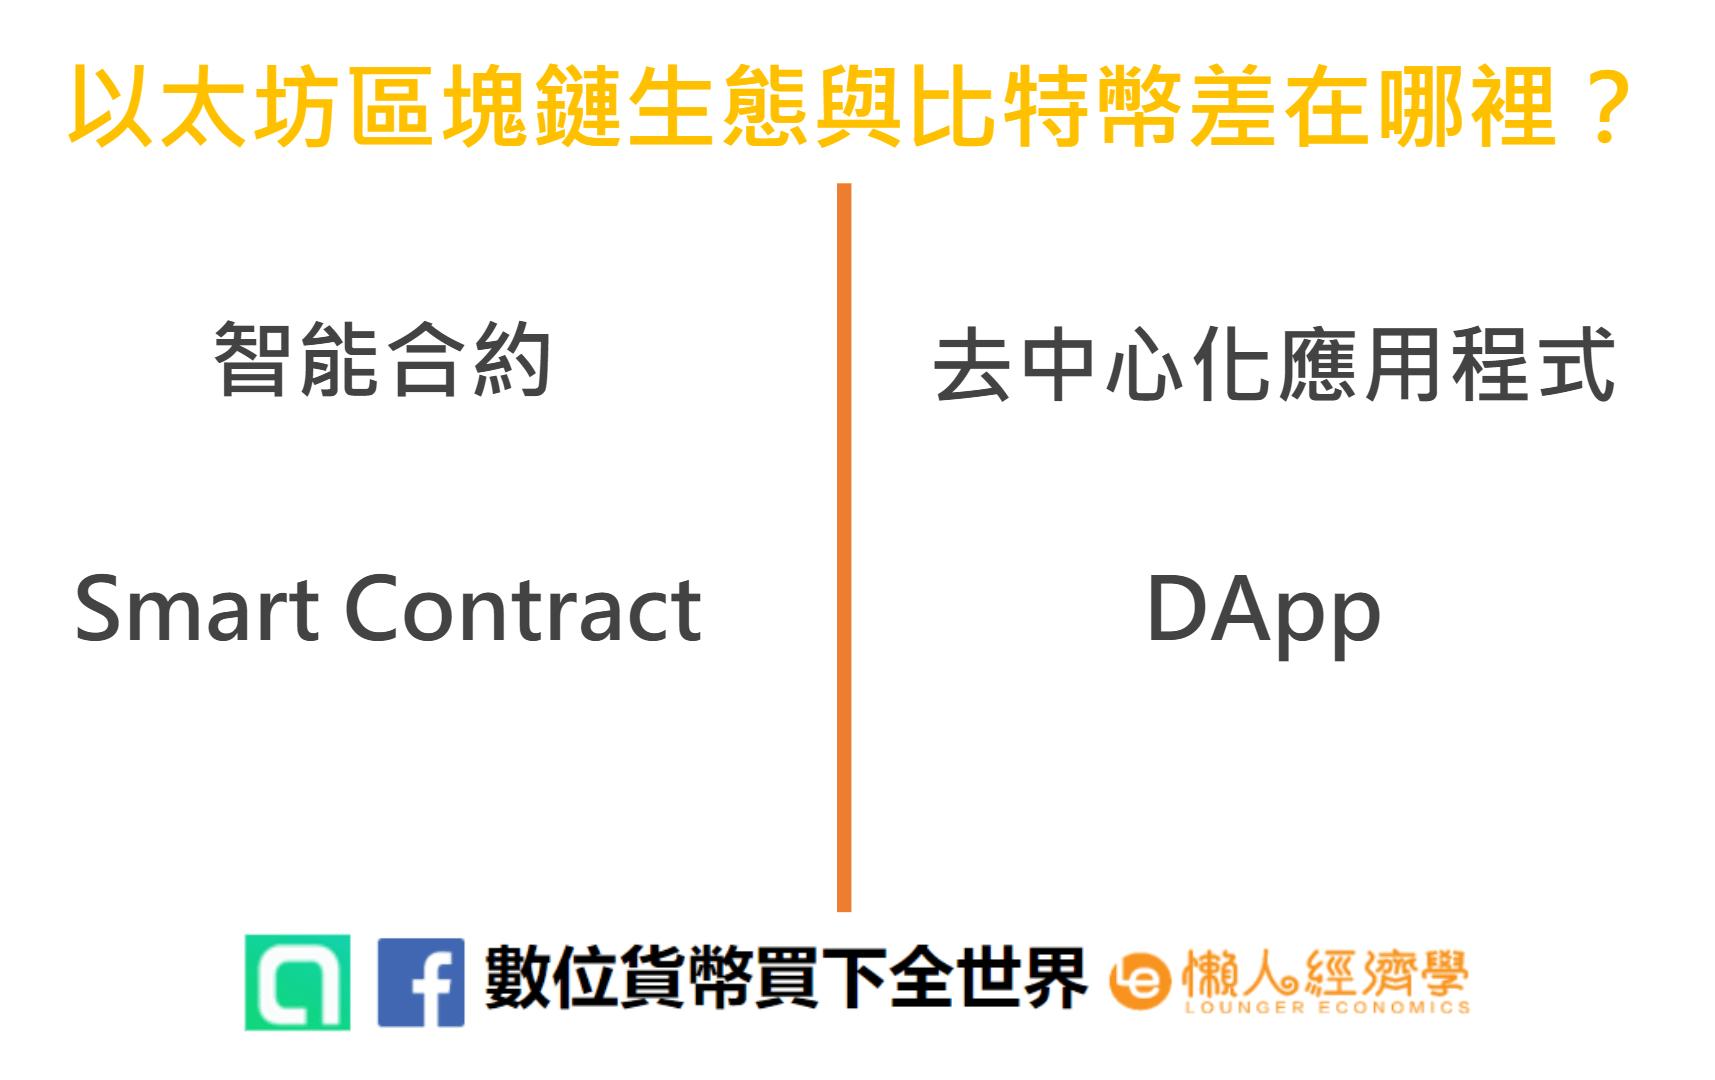 以太坊區塊鏈生態與比特幣差在哪裡:以太坊智能合約和DApp